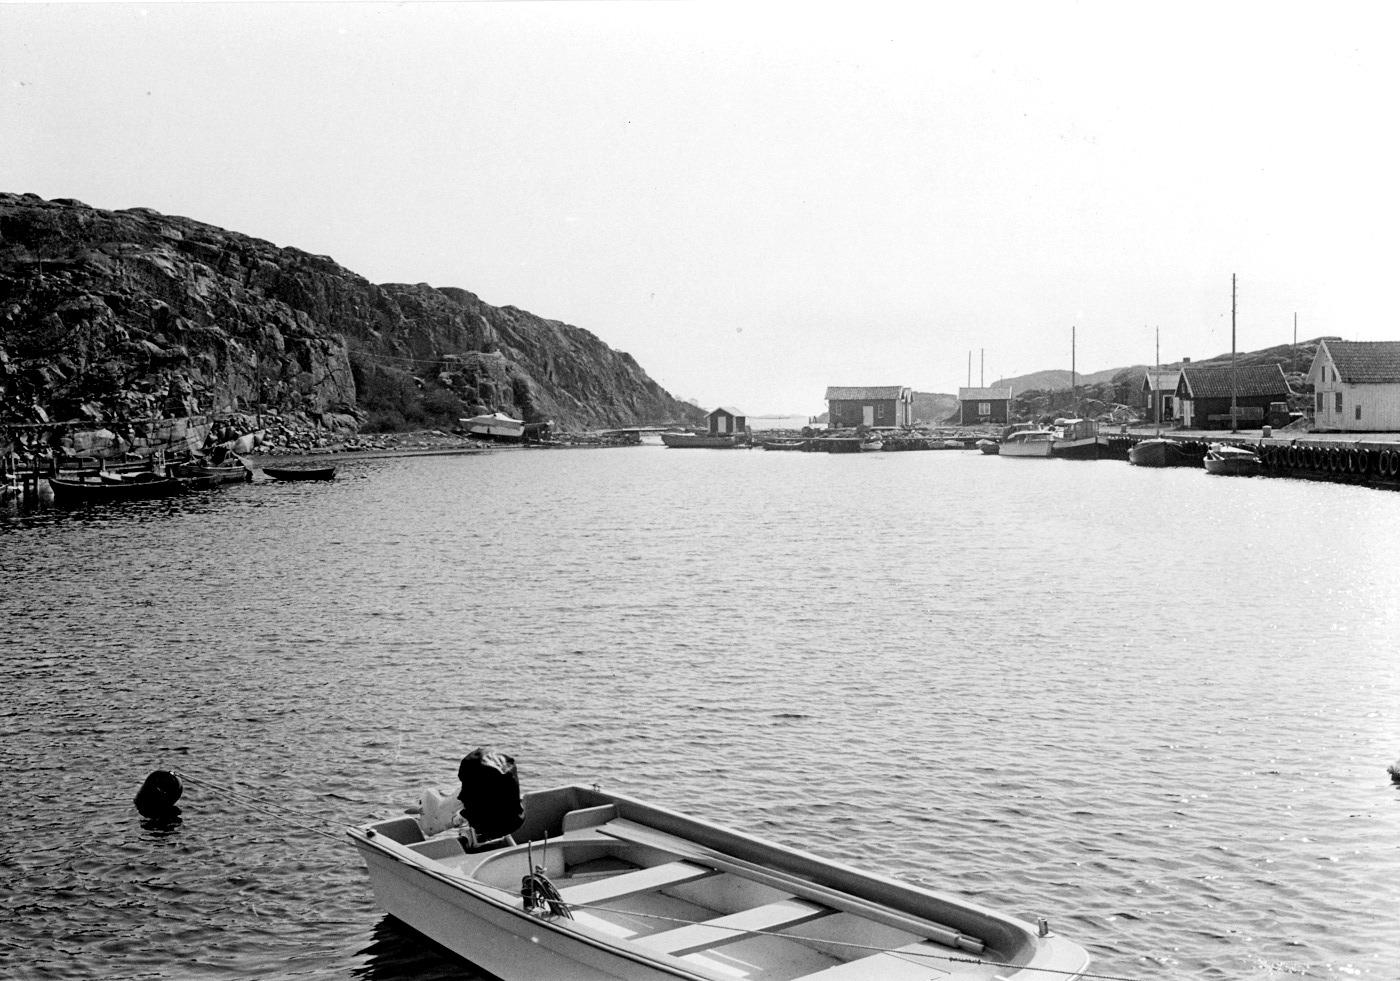 Foto Claes Funck 1968. Bron till Kalven och hamn. Ingen sprängning på Kalvön har ännu ägt rum - ingen bilbro, inga sjöbodar och inget reningsverk.